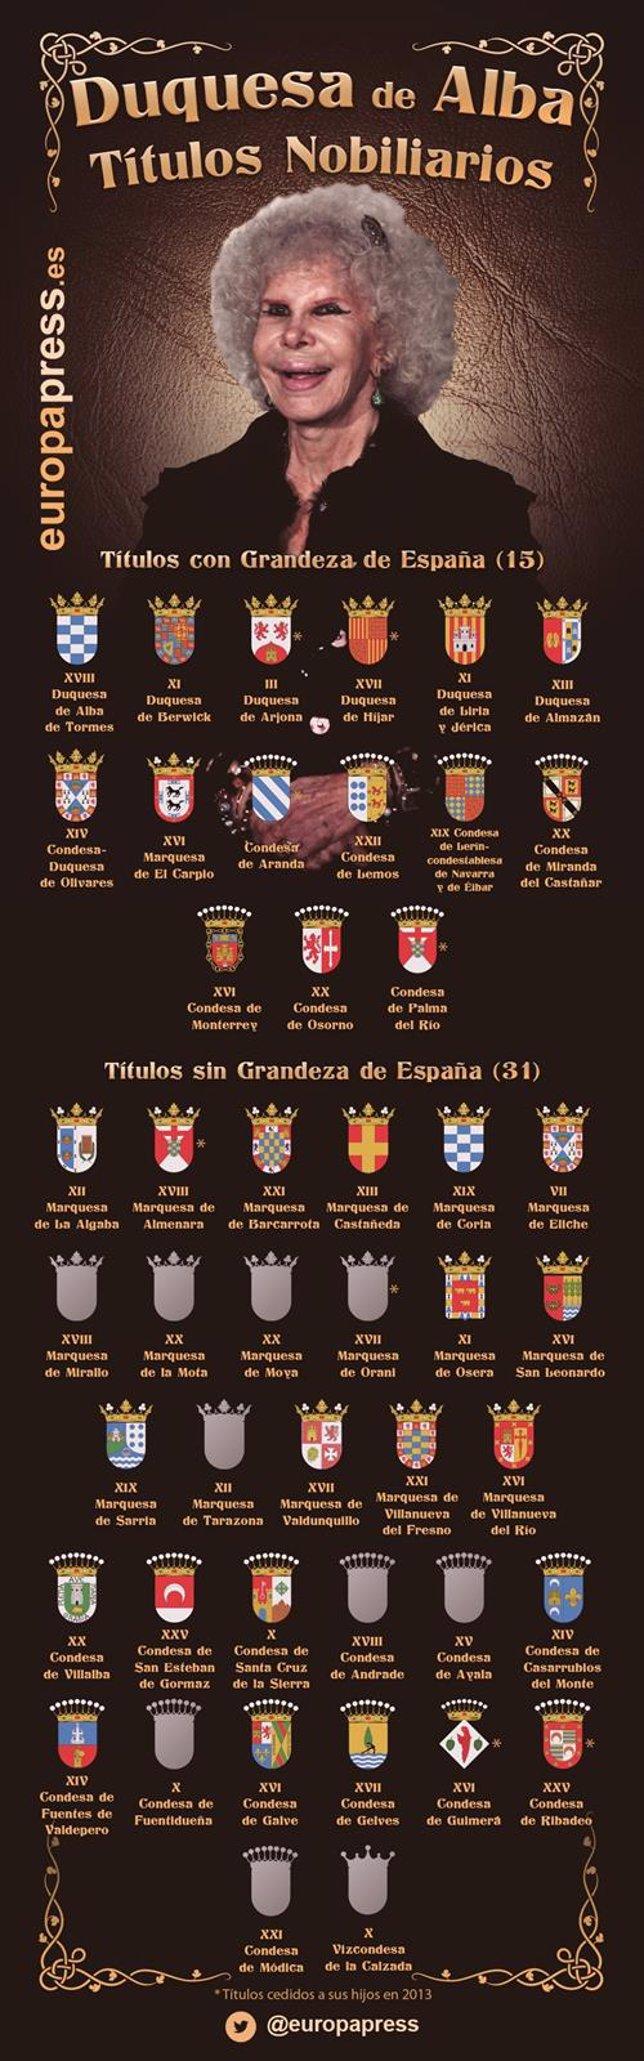 Duquesa de Alba: Títulos Nobiliarios